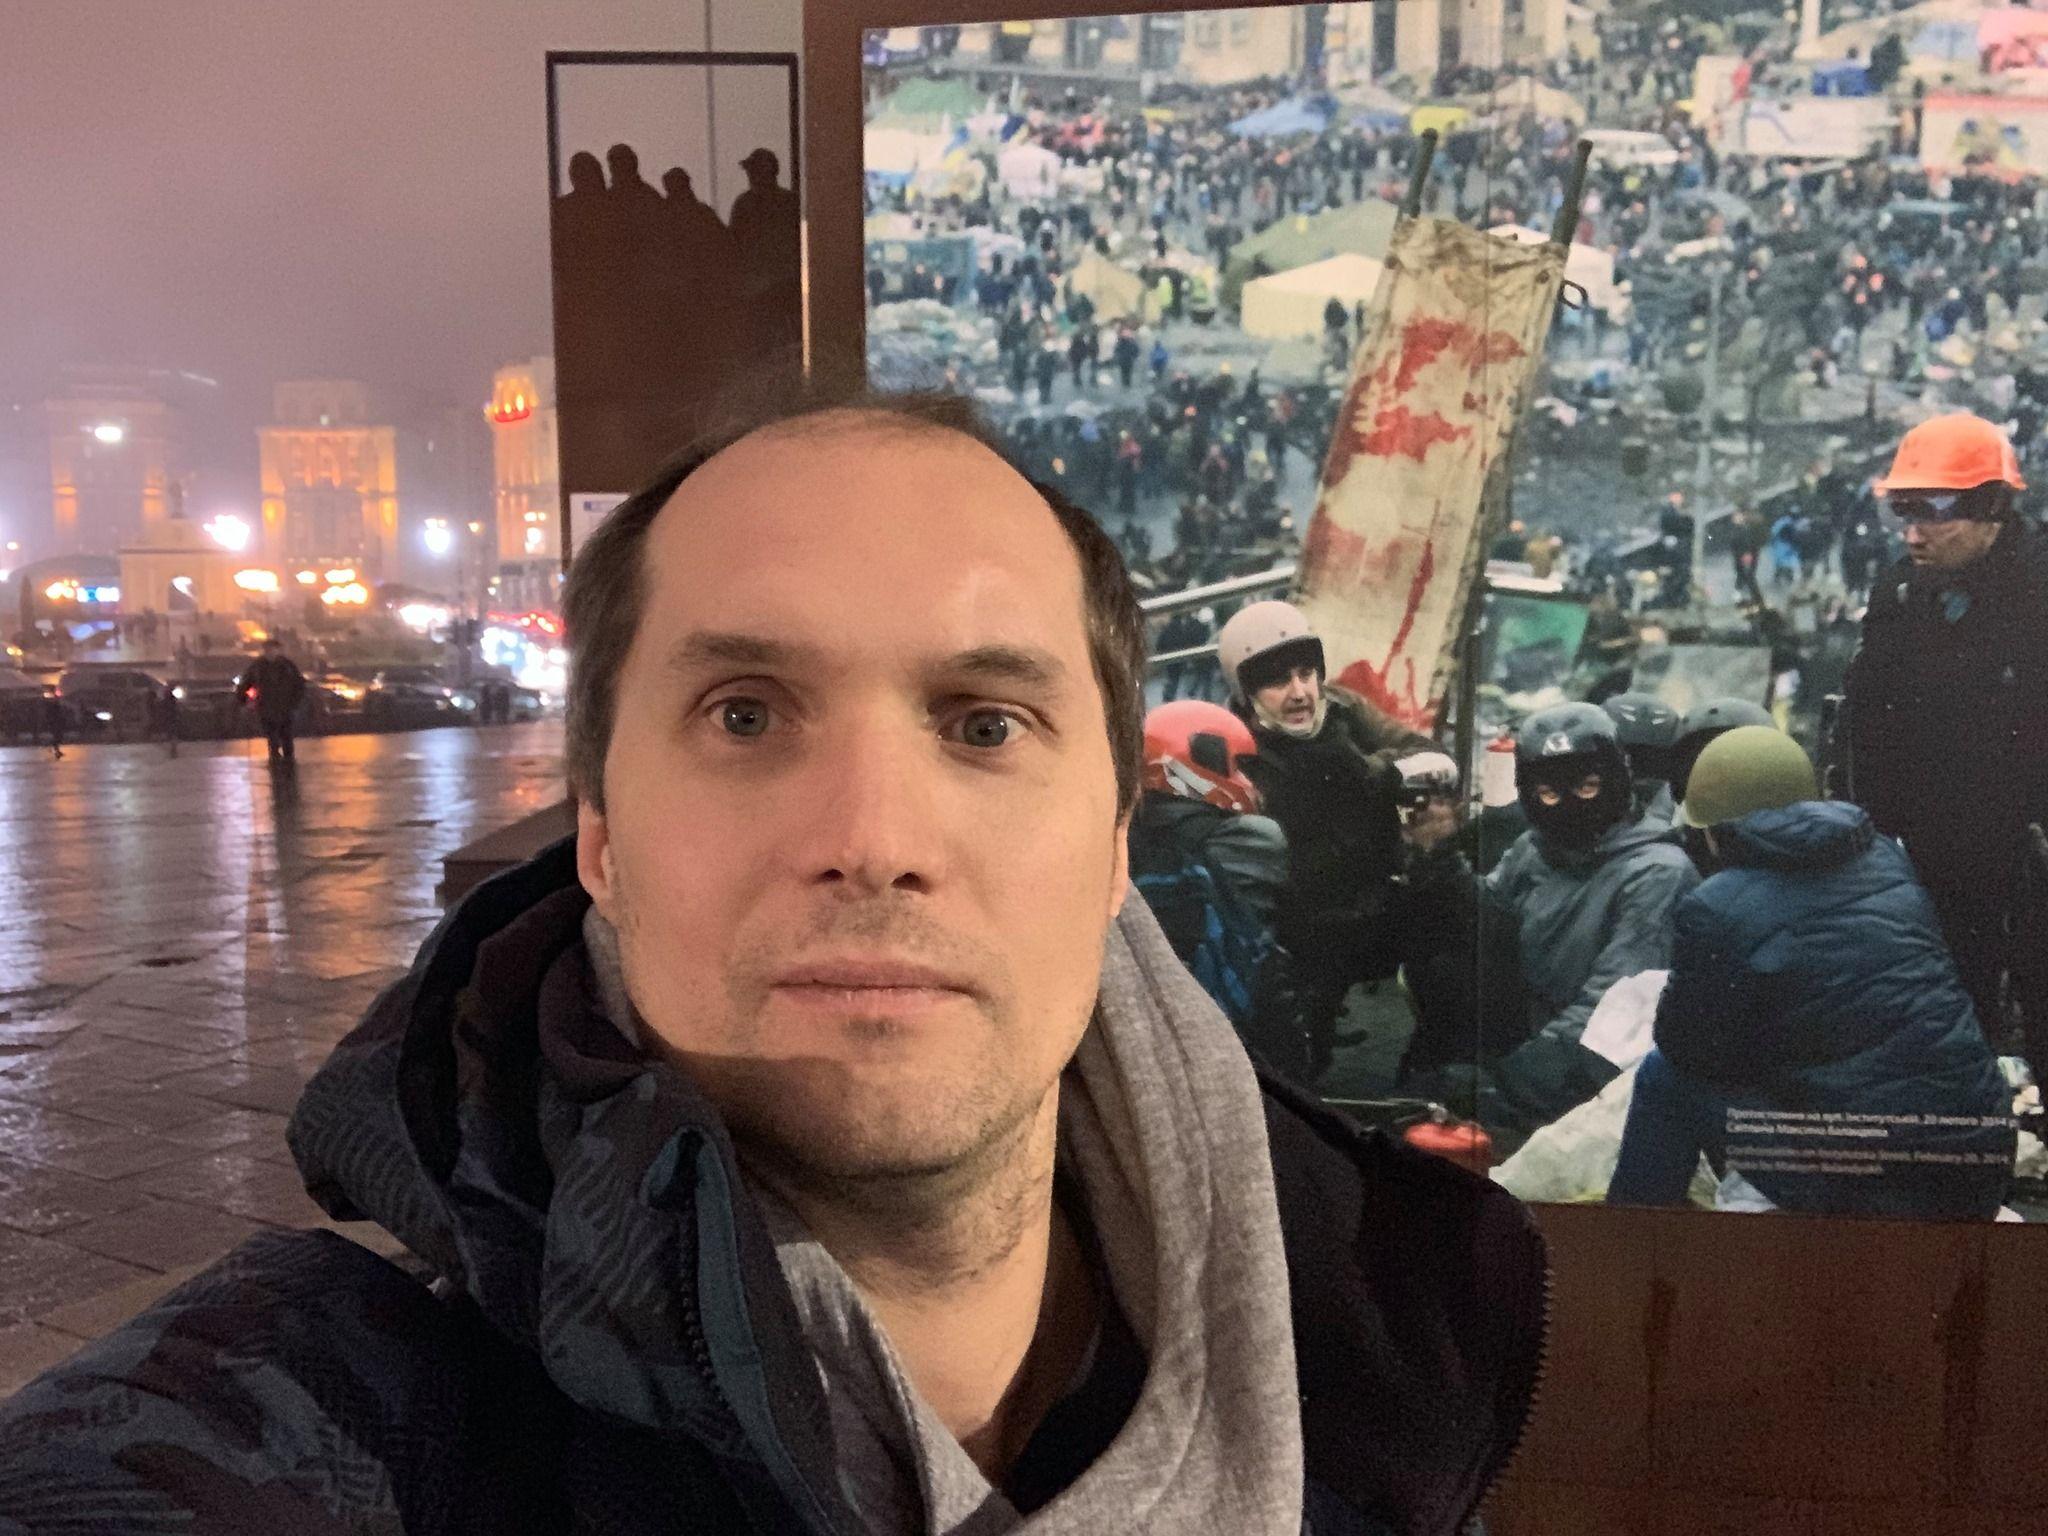 Журналіст Бутусов порівняв керівництво України з «маленькими дітьми» у темній кімнаті, які голосно кричать і плачуть